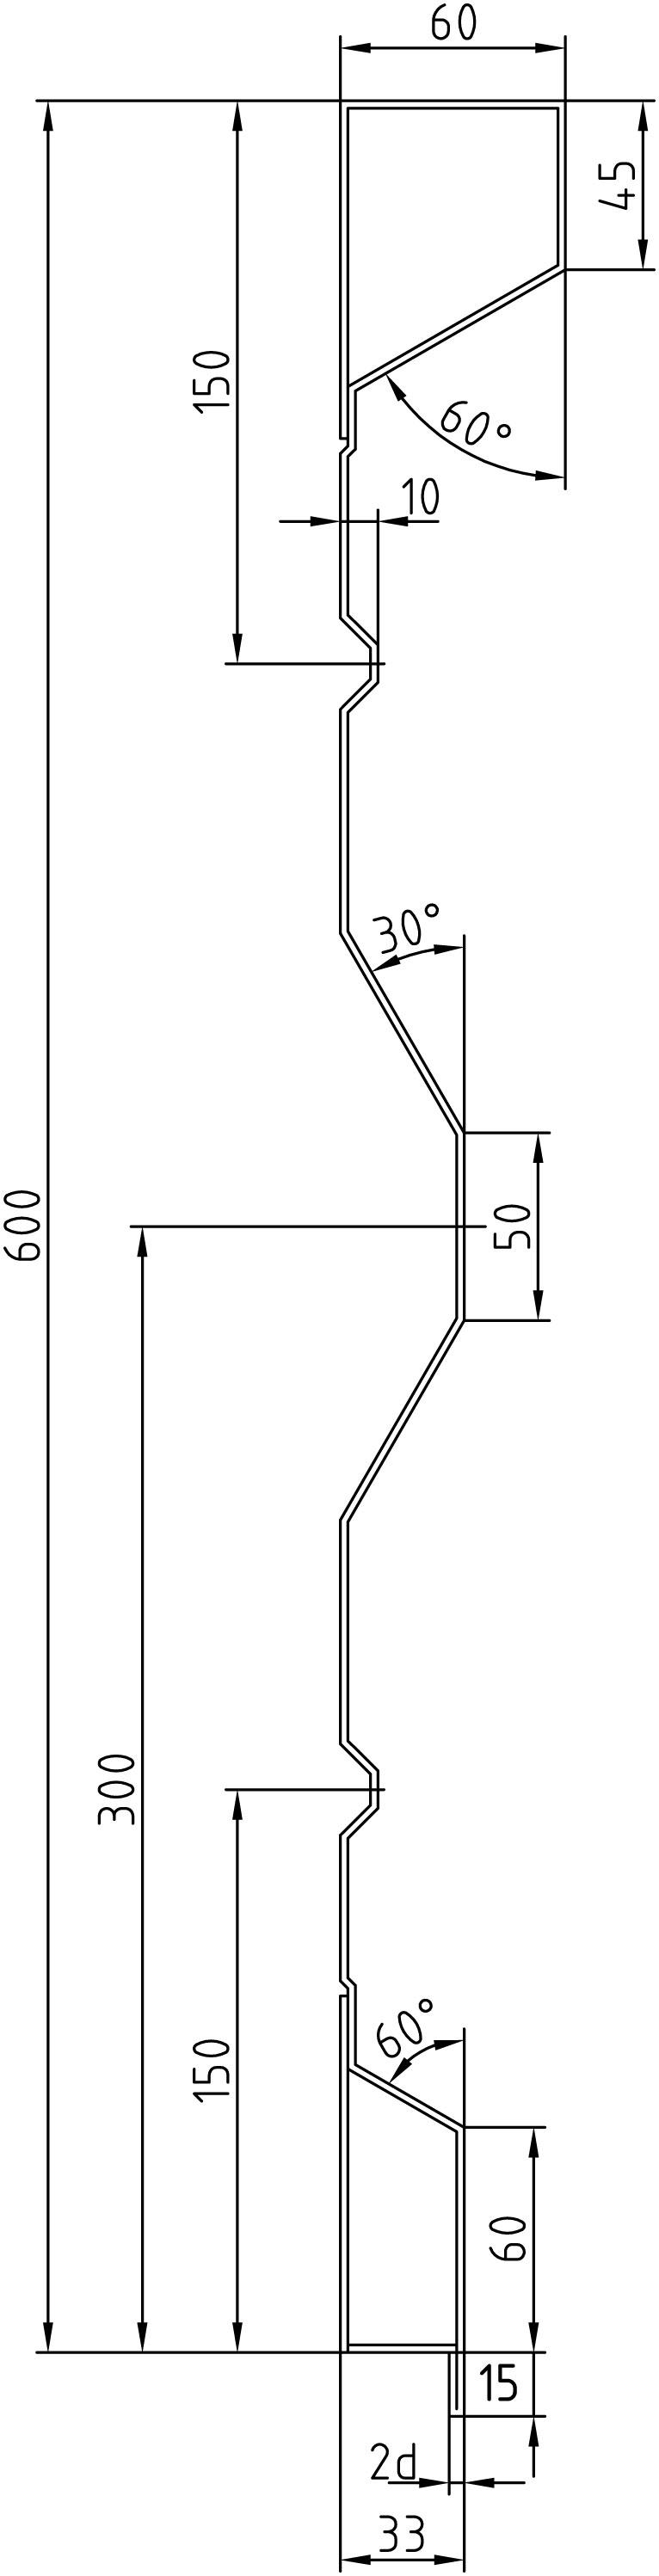 Brantner Kipper und Anhänger - 600x2,5x4469 BW samt EL ohne PW- Bolzen